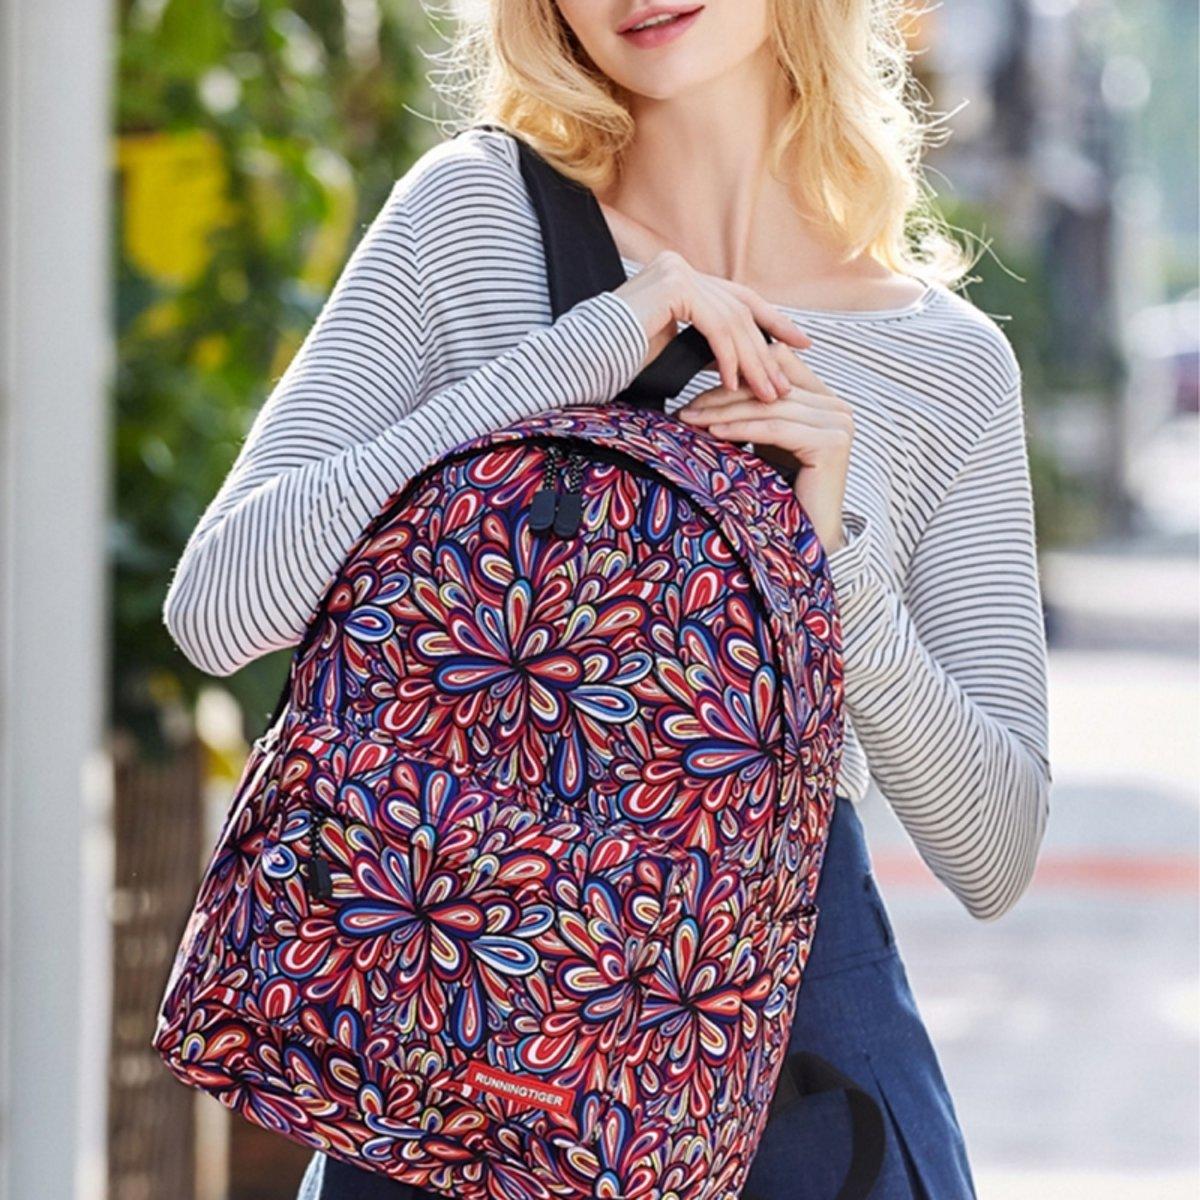 Kleurrijke bloemen patroon Print reizen rugzak School schouders tas met Pen zak voor meisjes  formaat: 40 x 30 cm x 17 cm